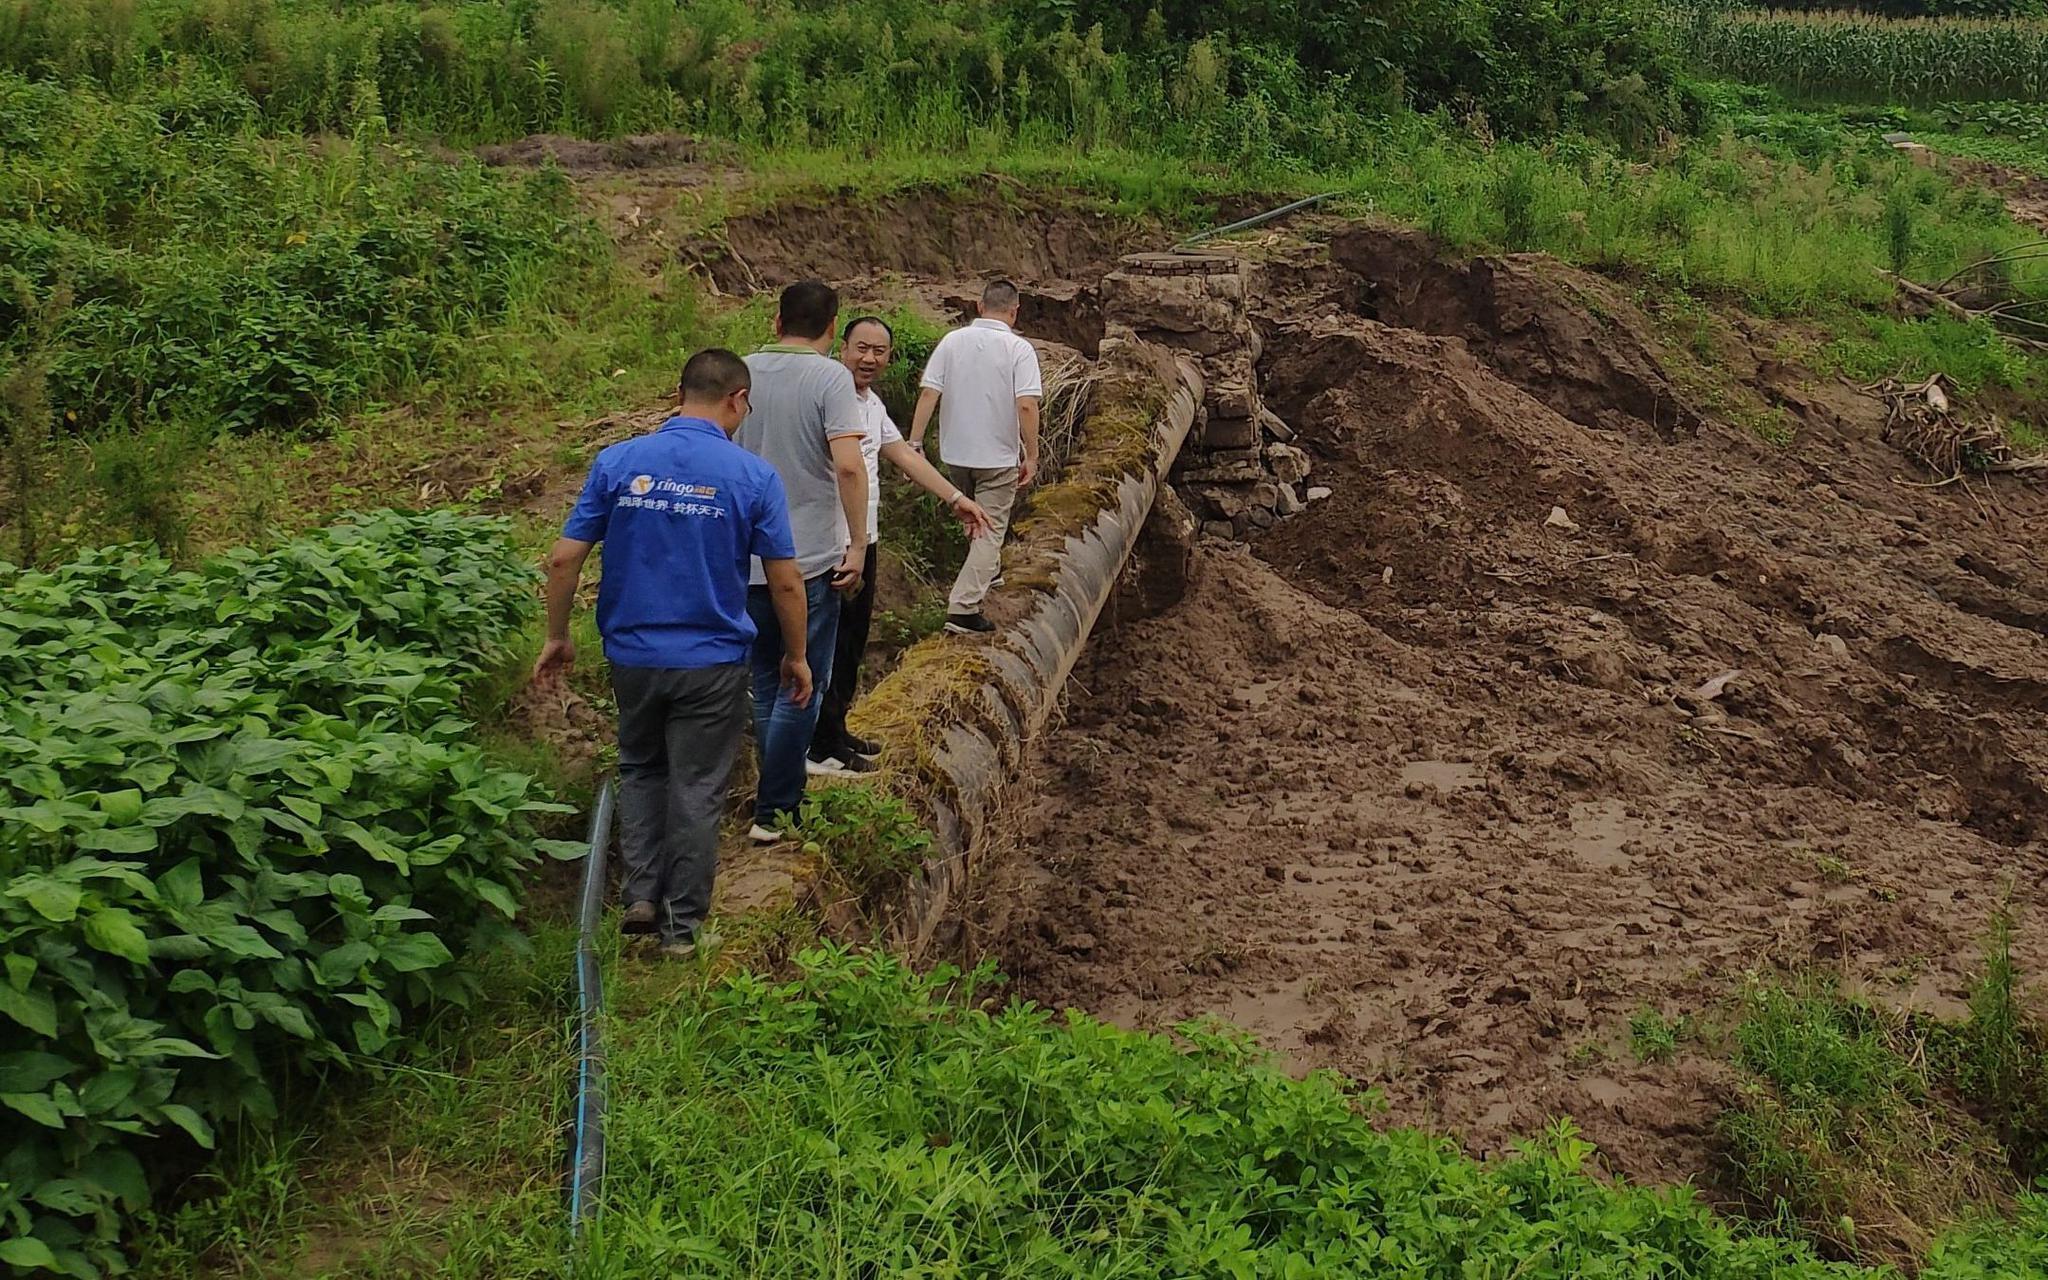 中心第四生态情况保护督察组现场发明重庆市某污水处置厂私设暗管。生态情况部供图